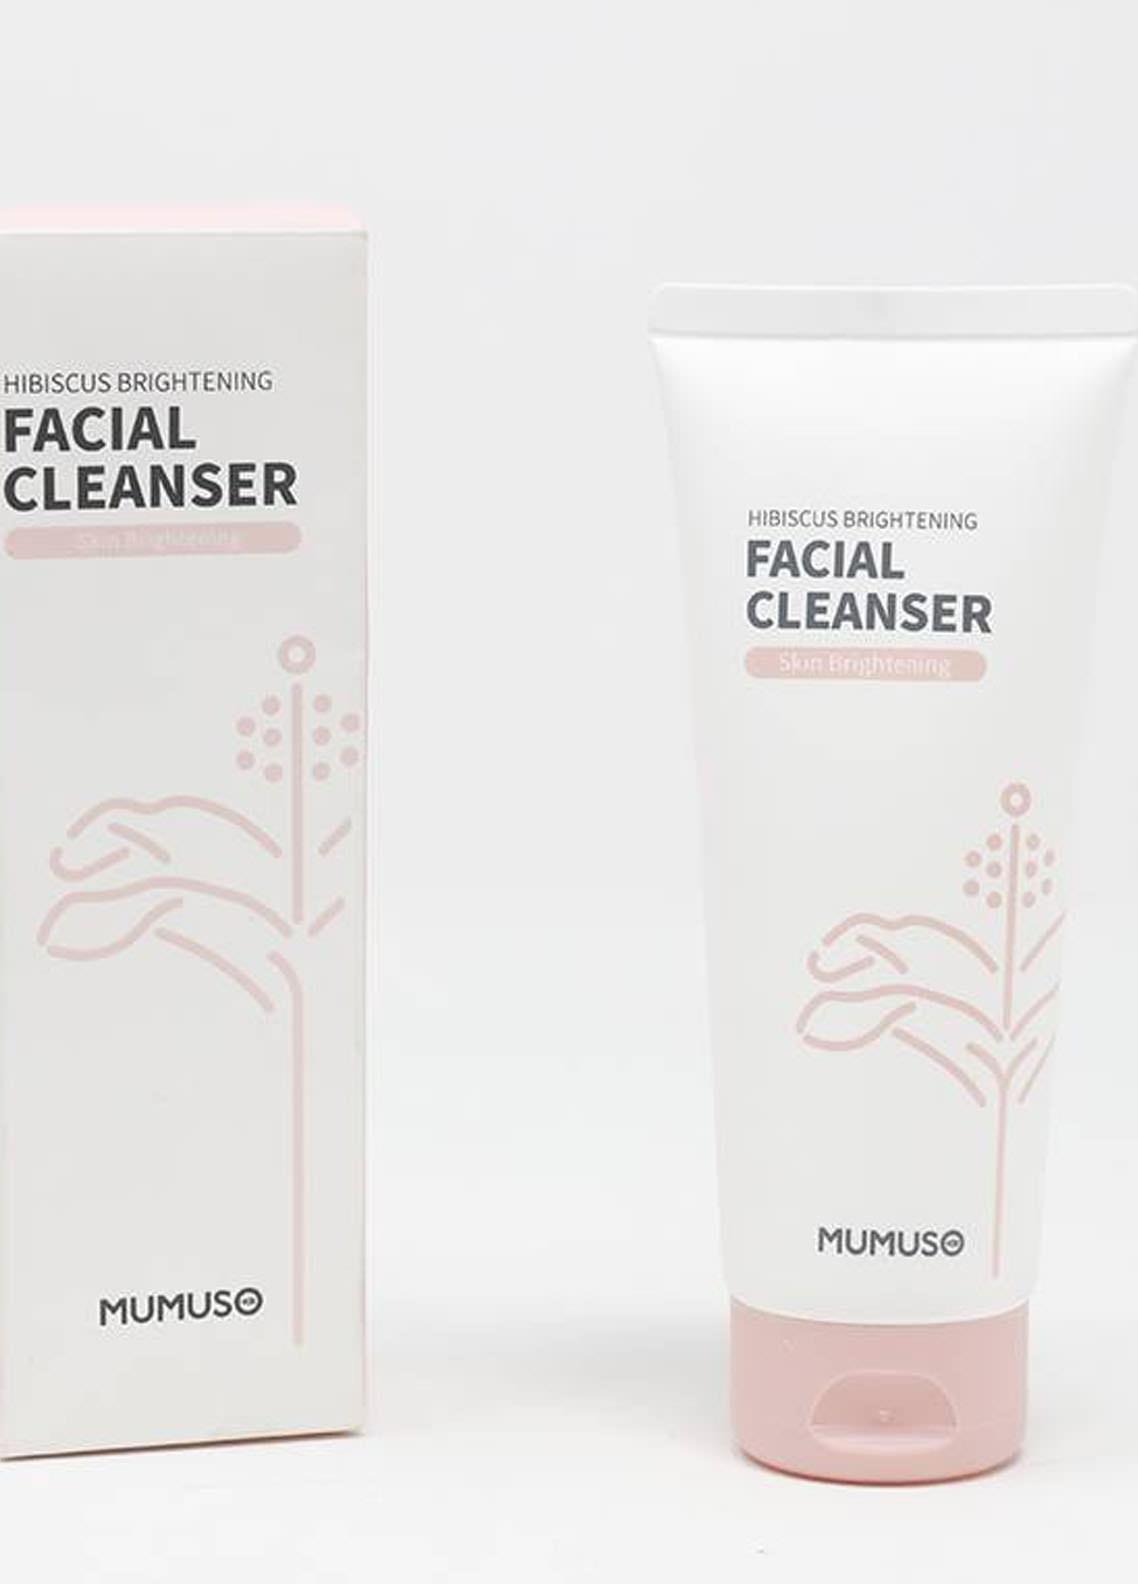 Mumuso Hibiscus Facial Cleanser